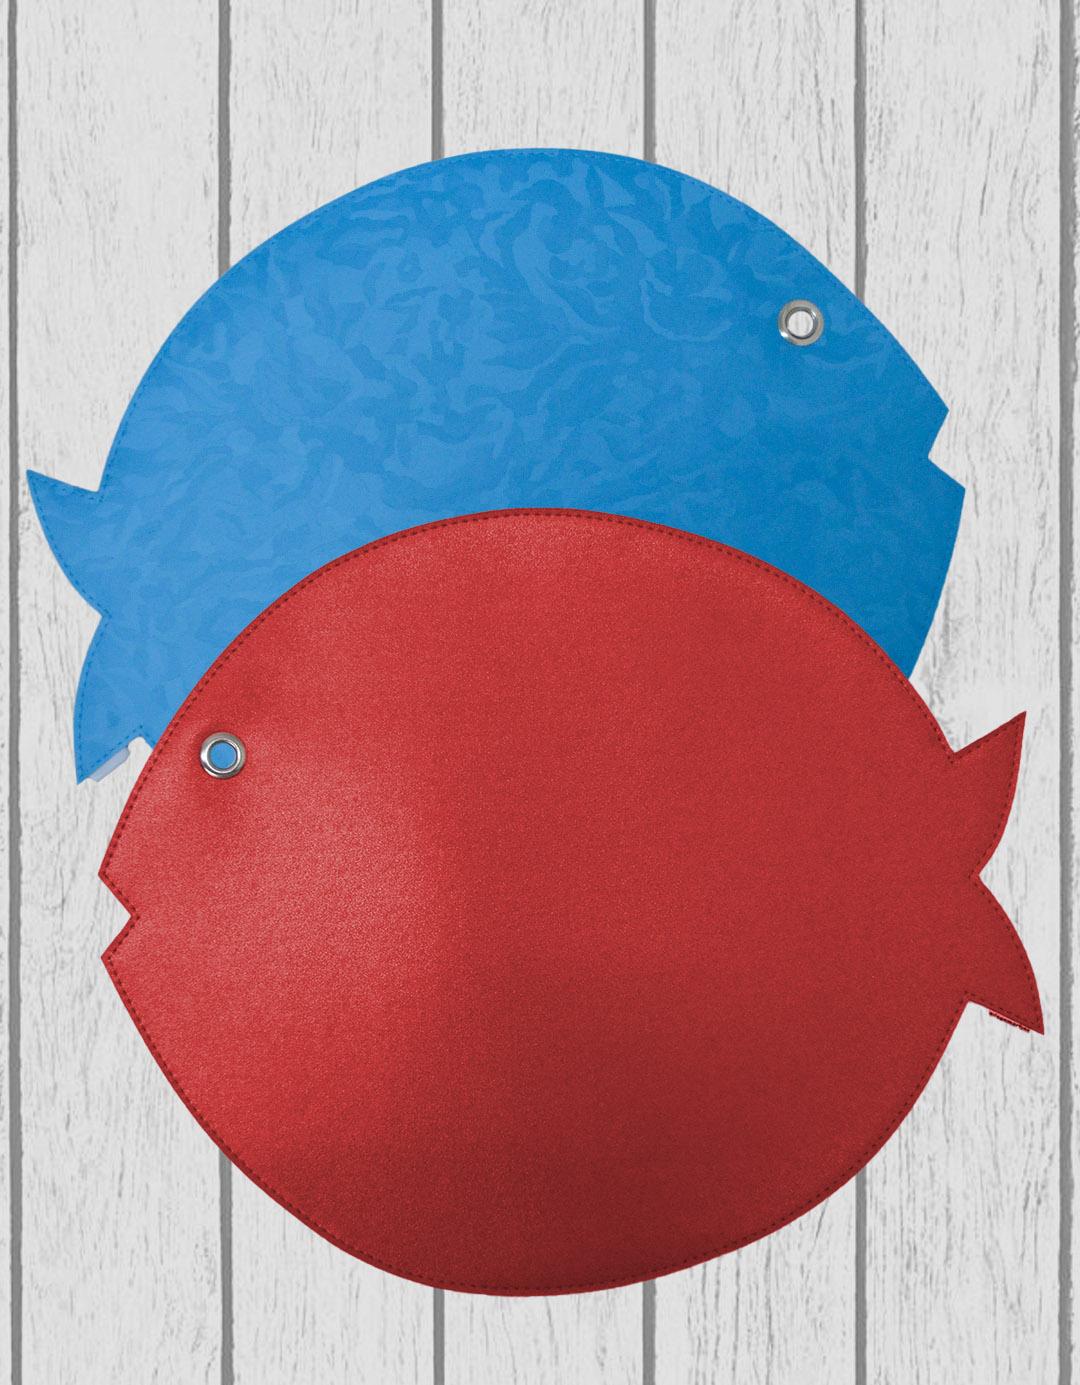 Jogo Americano Dupla Face Assinado Gilson Home - Peixe